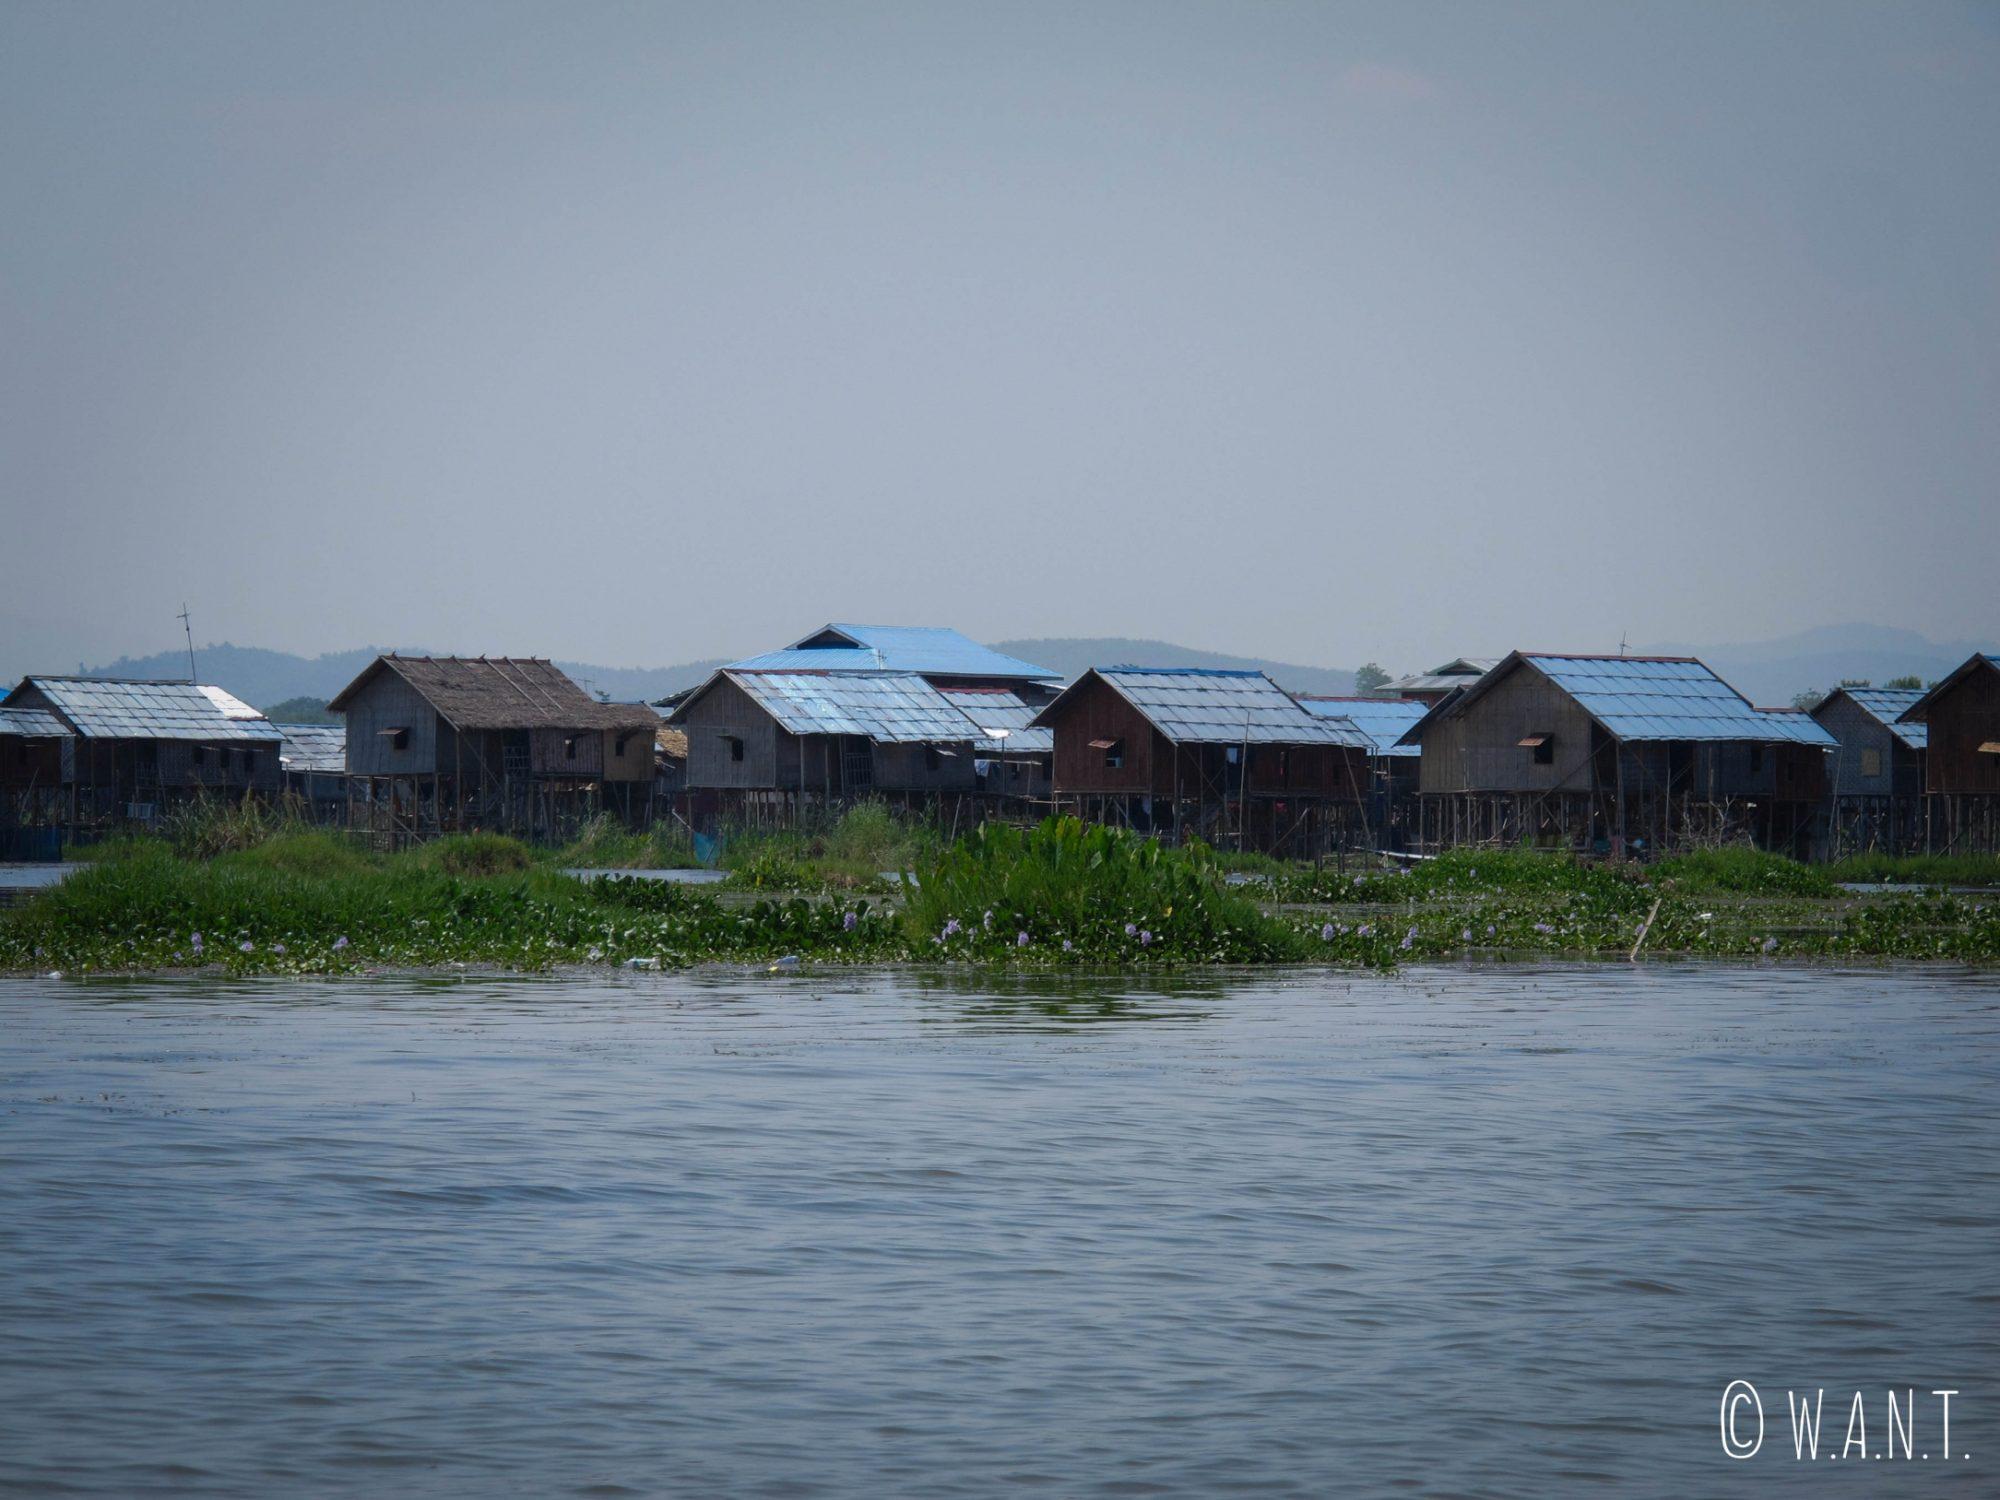 Les Inthas ont construit des maisons sur pilotis pour vivre à même le Lac Inle